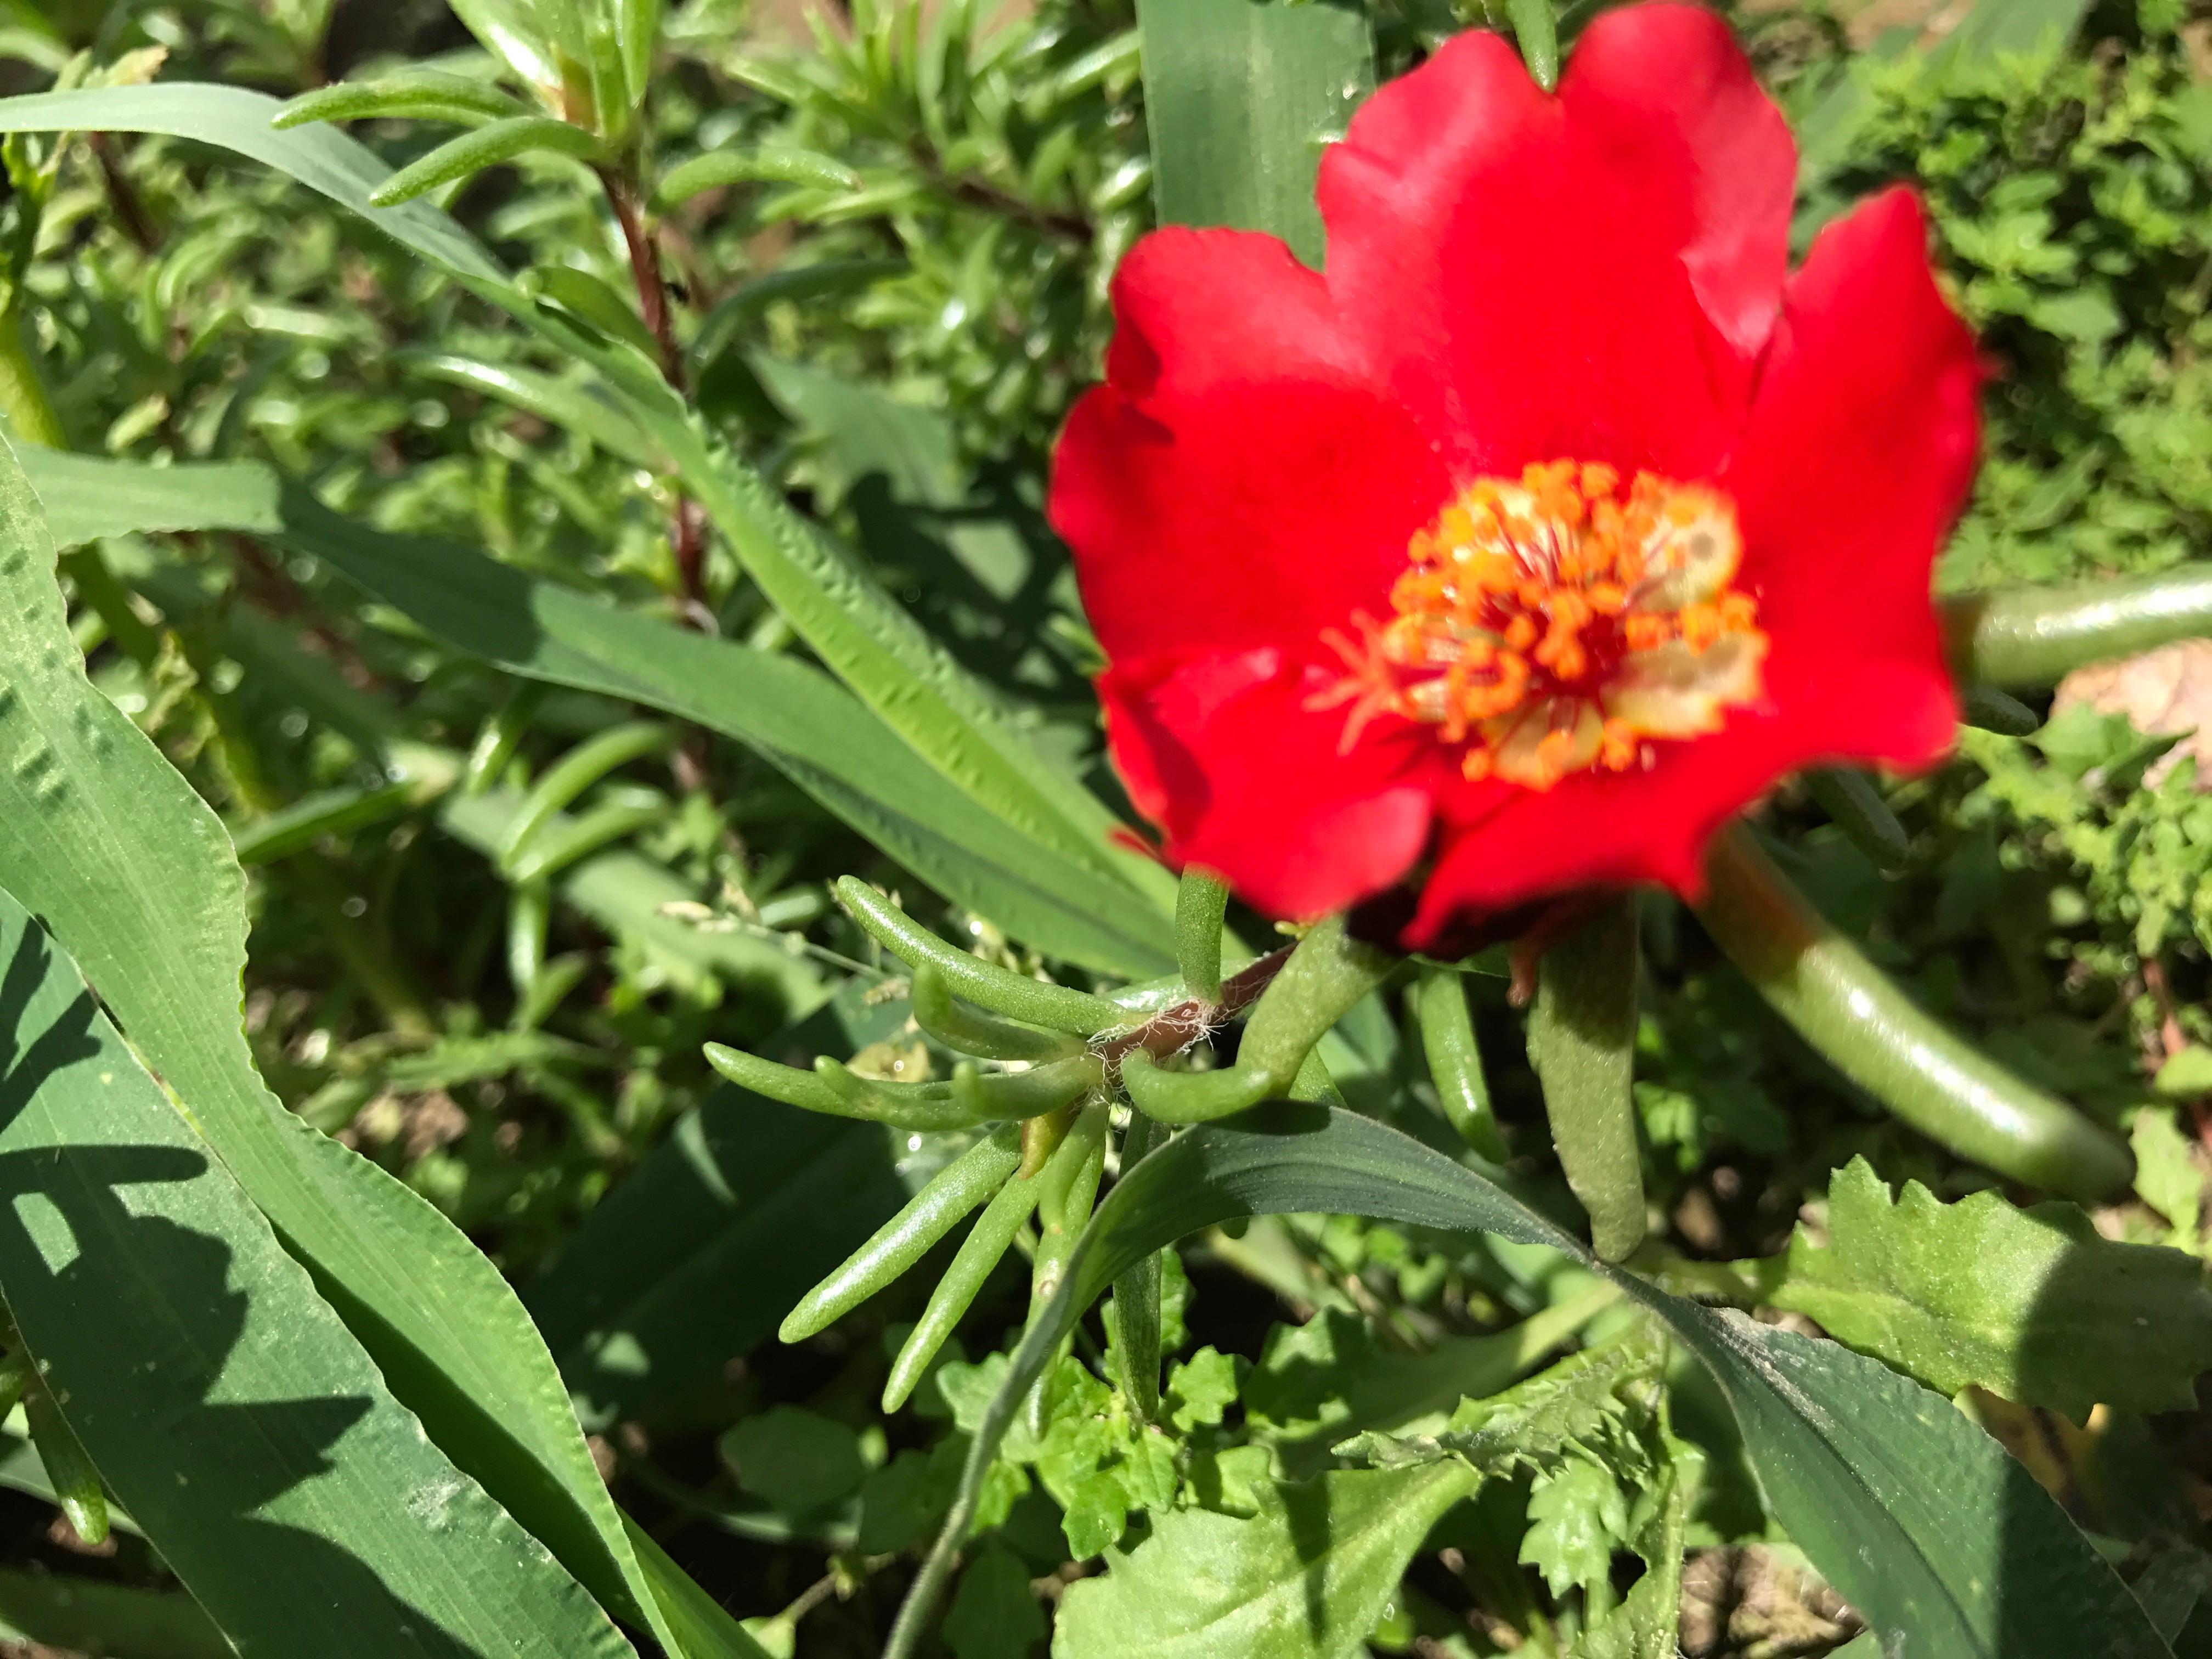 松葉牡丹(まつばぼたん)でしょうか、鮮やかな愛らしい花が咲いていました。